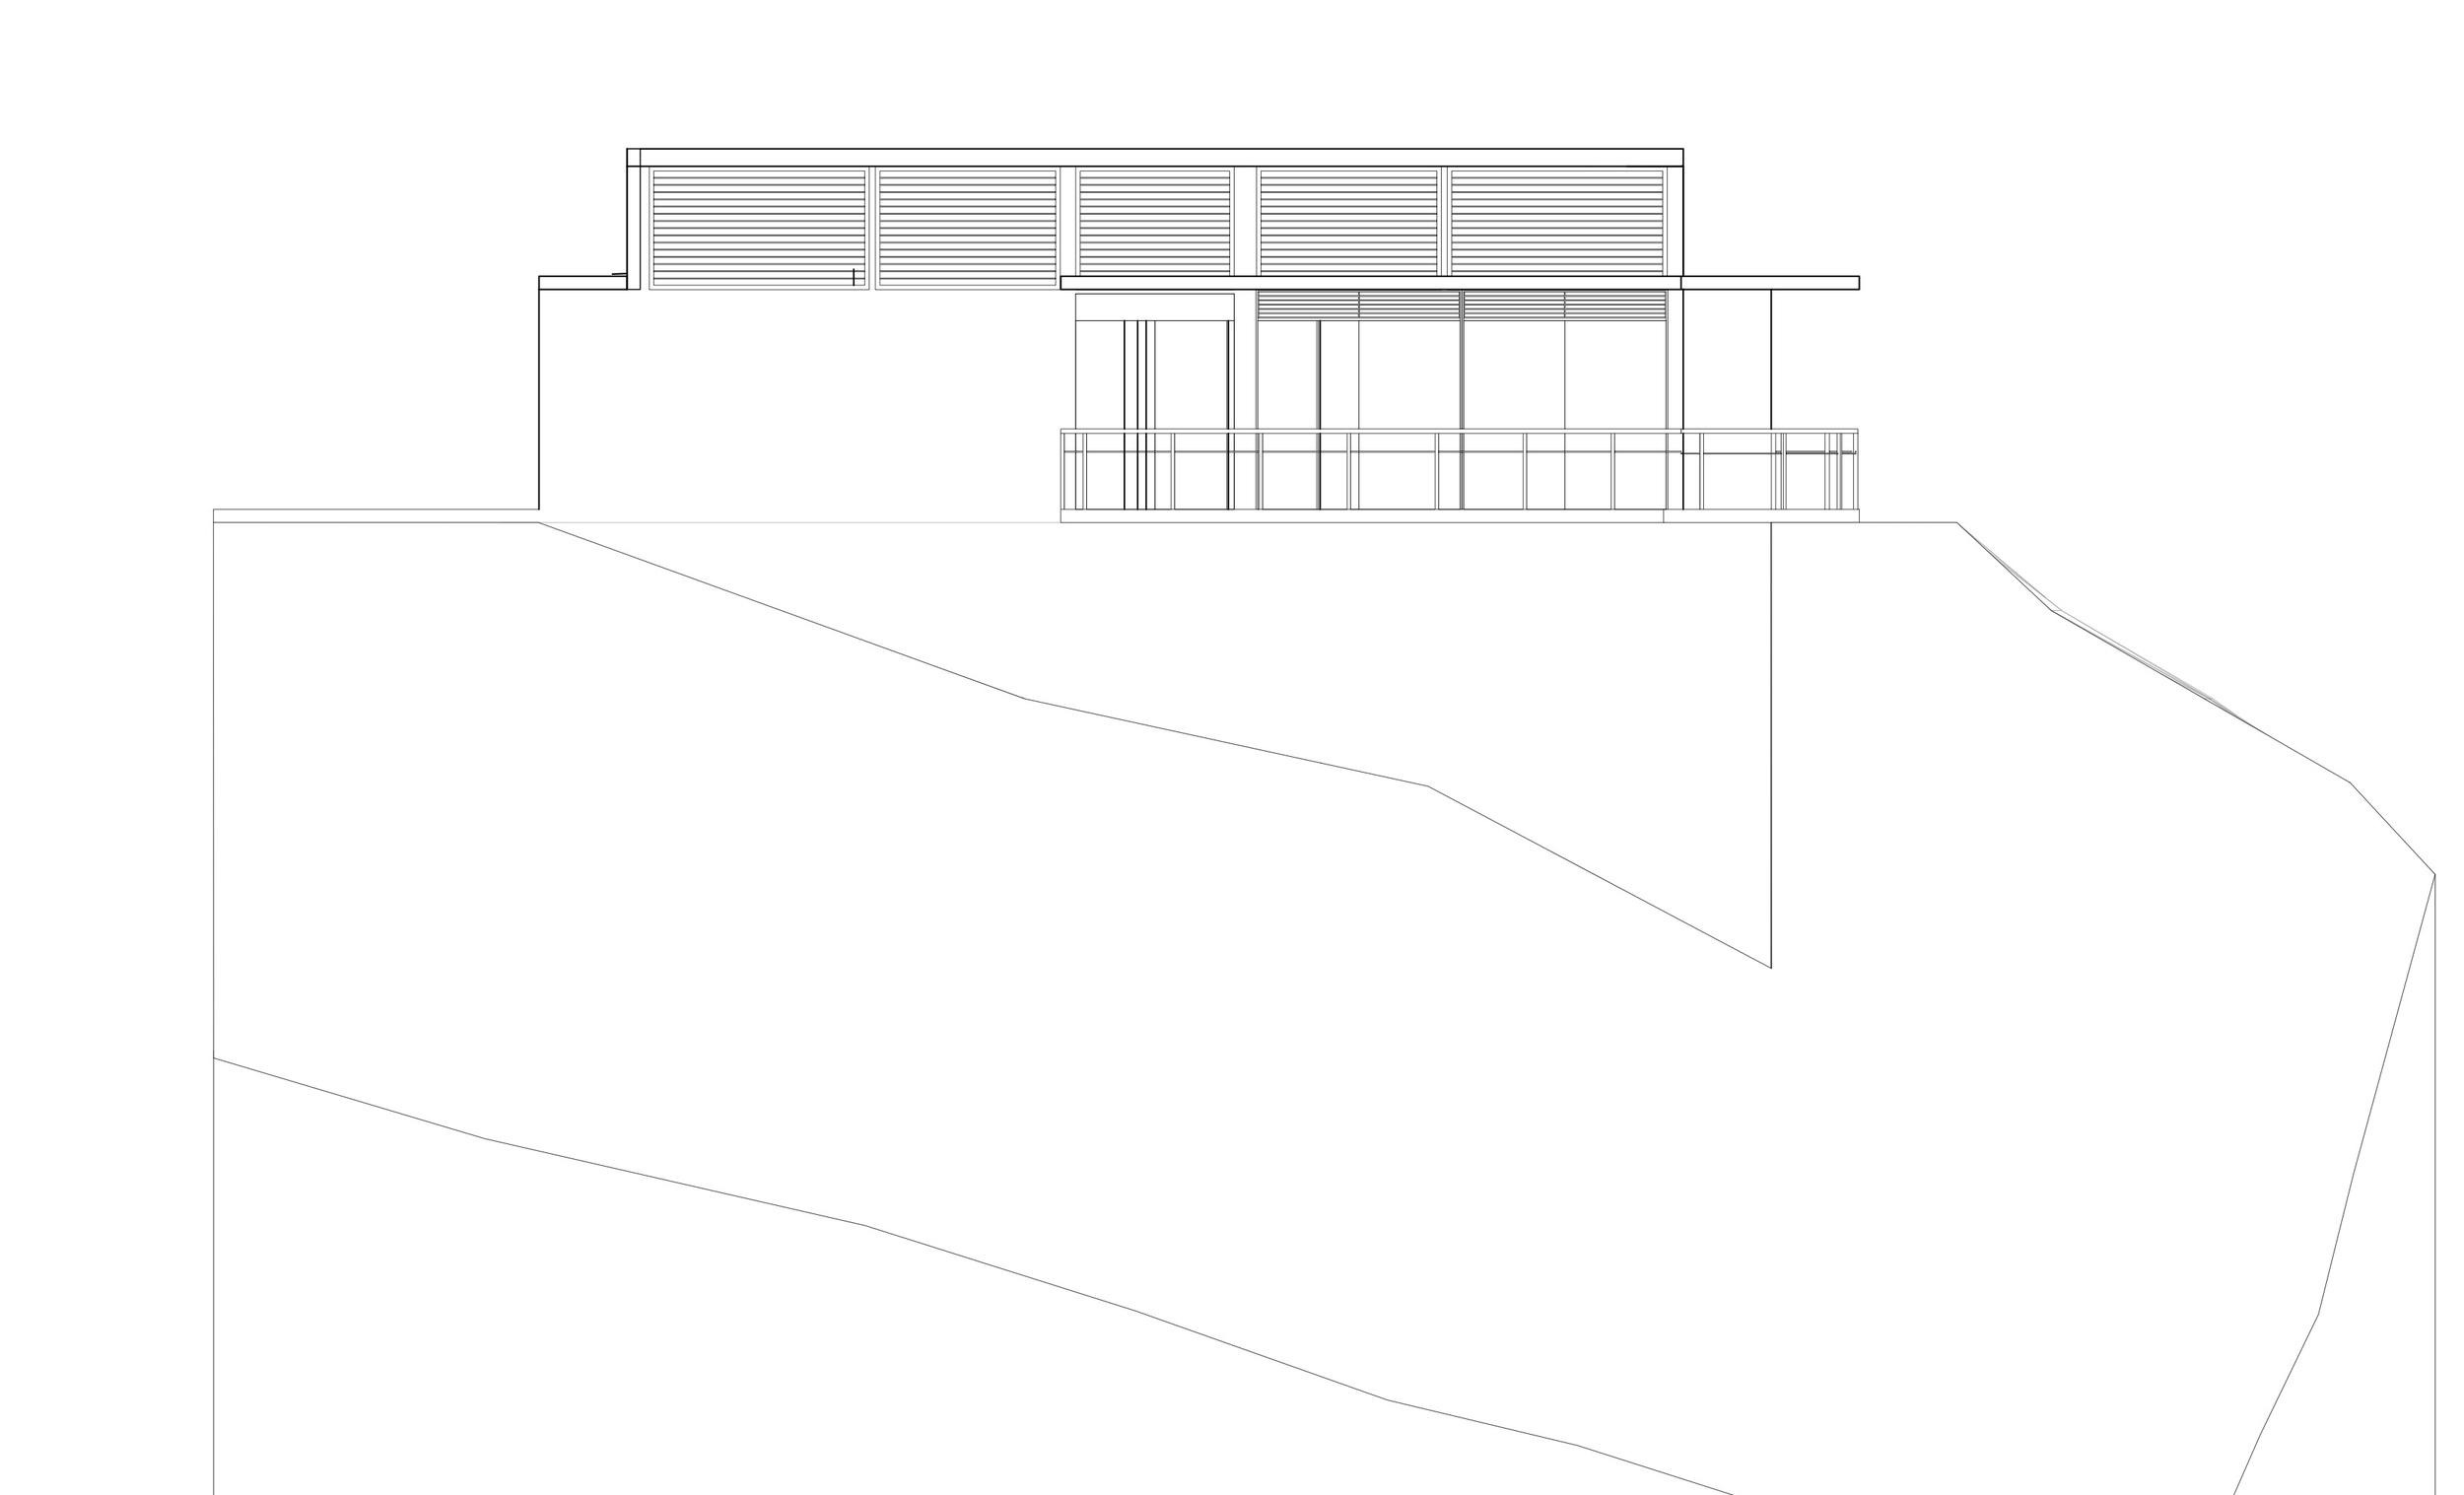 julien house : champs fleurs : elevation